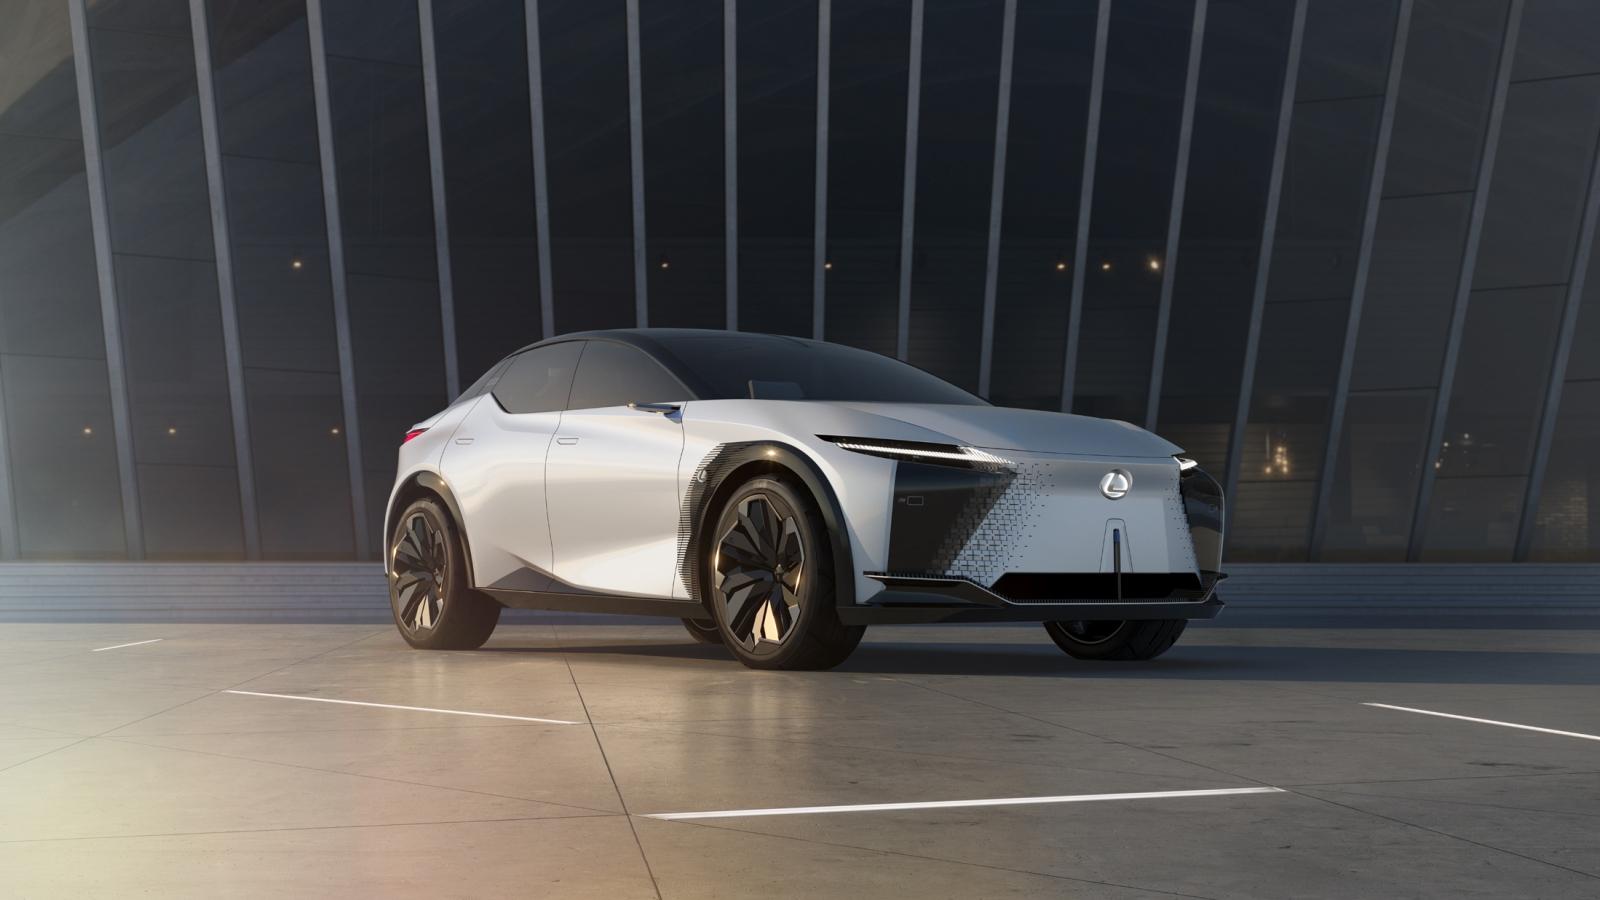 Khám phá những công nghệ của mẫu xe chạy điện tương lai - Lexus LF-Z Electrified